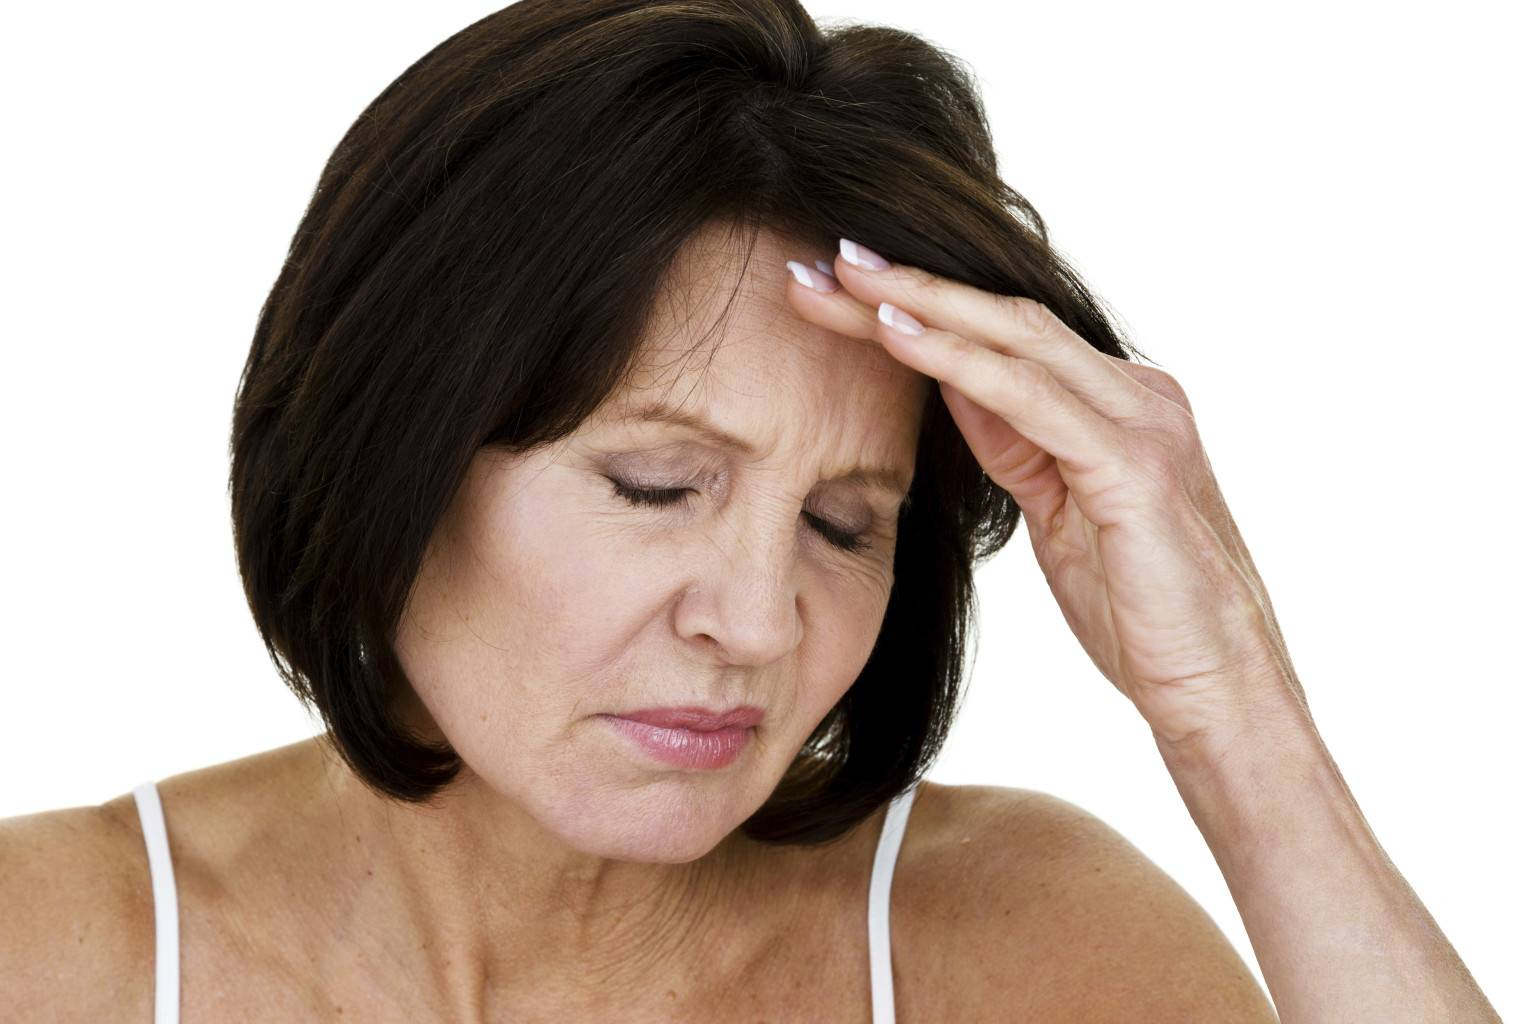 Профилактические действия при мигрени у женщин: в чем опасность заболевания и как его диагностировать